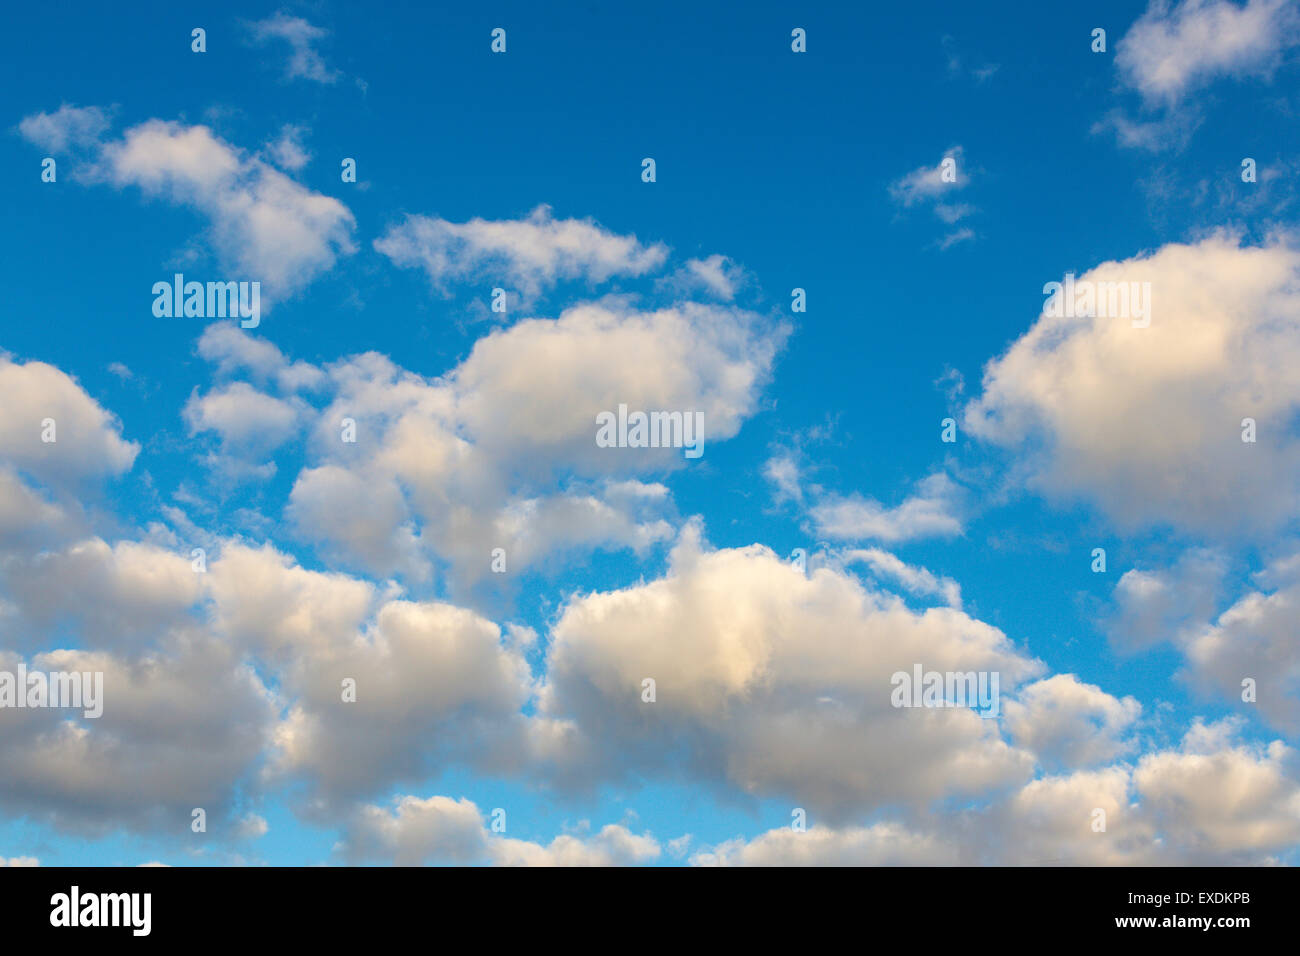 Weiße Wolken im blauen Himmel Stockbild